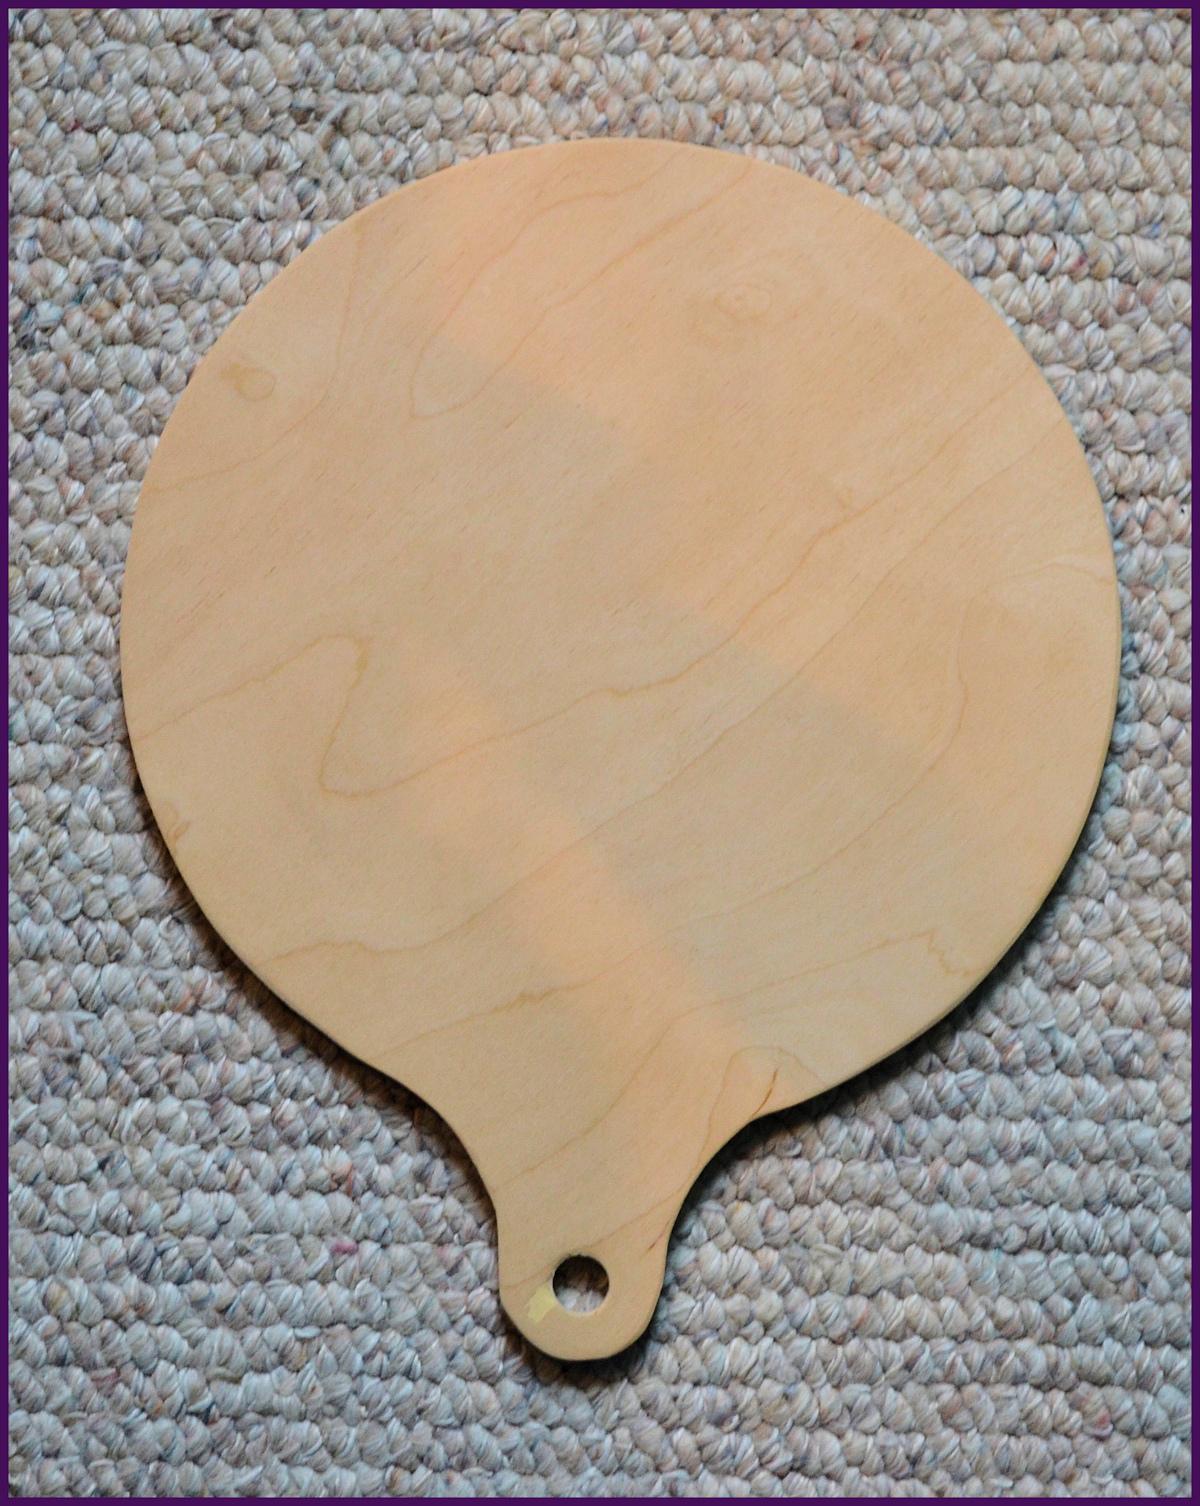 wood-board-lefse-or-bread-20180627lb.jpg